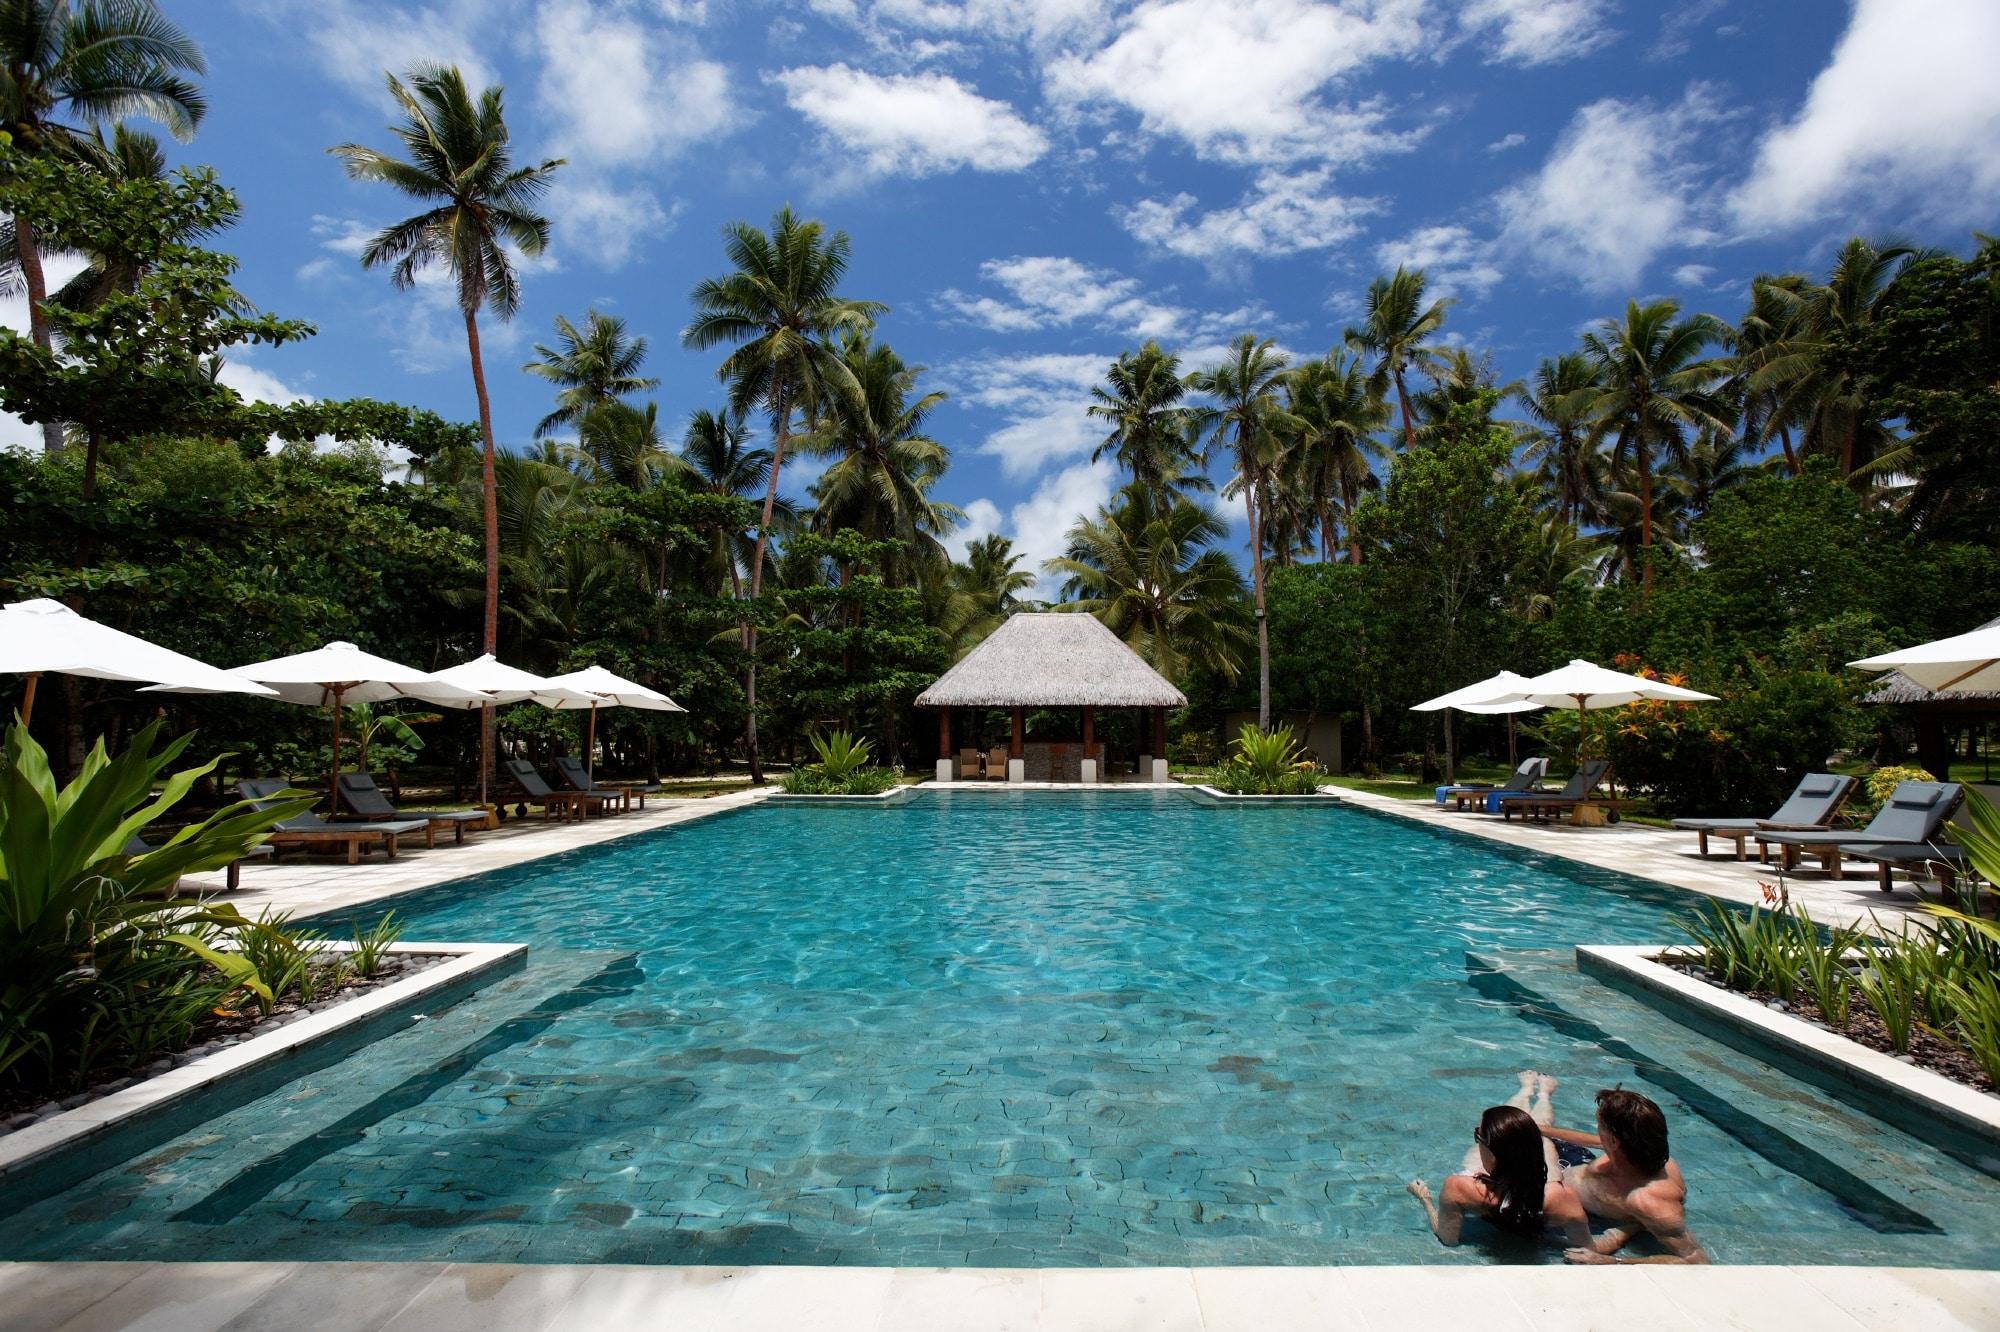 Eratap Beach Resort Vanuatu Luxury Holiday Package ...